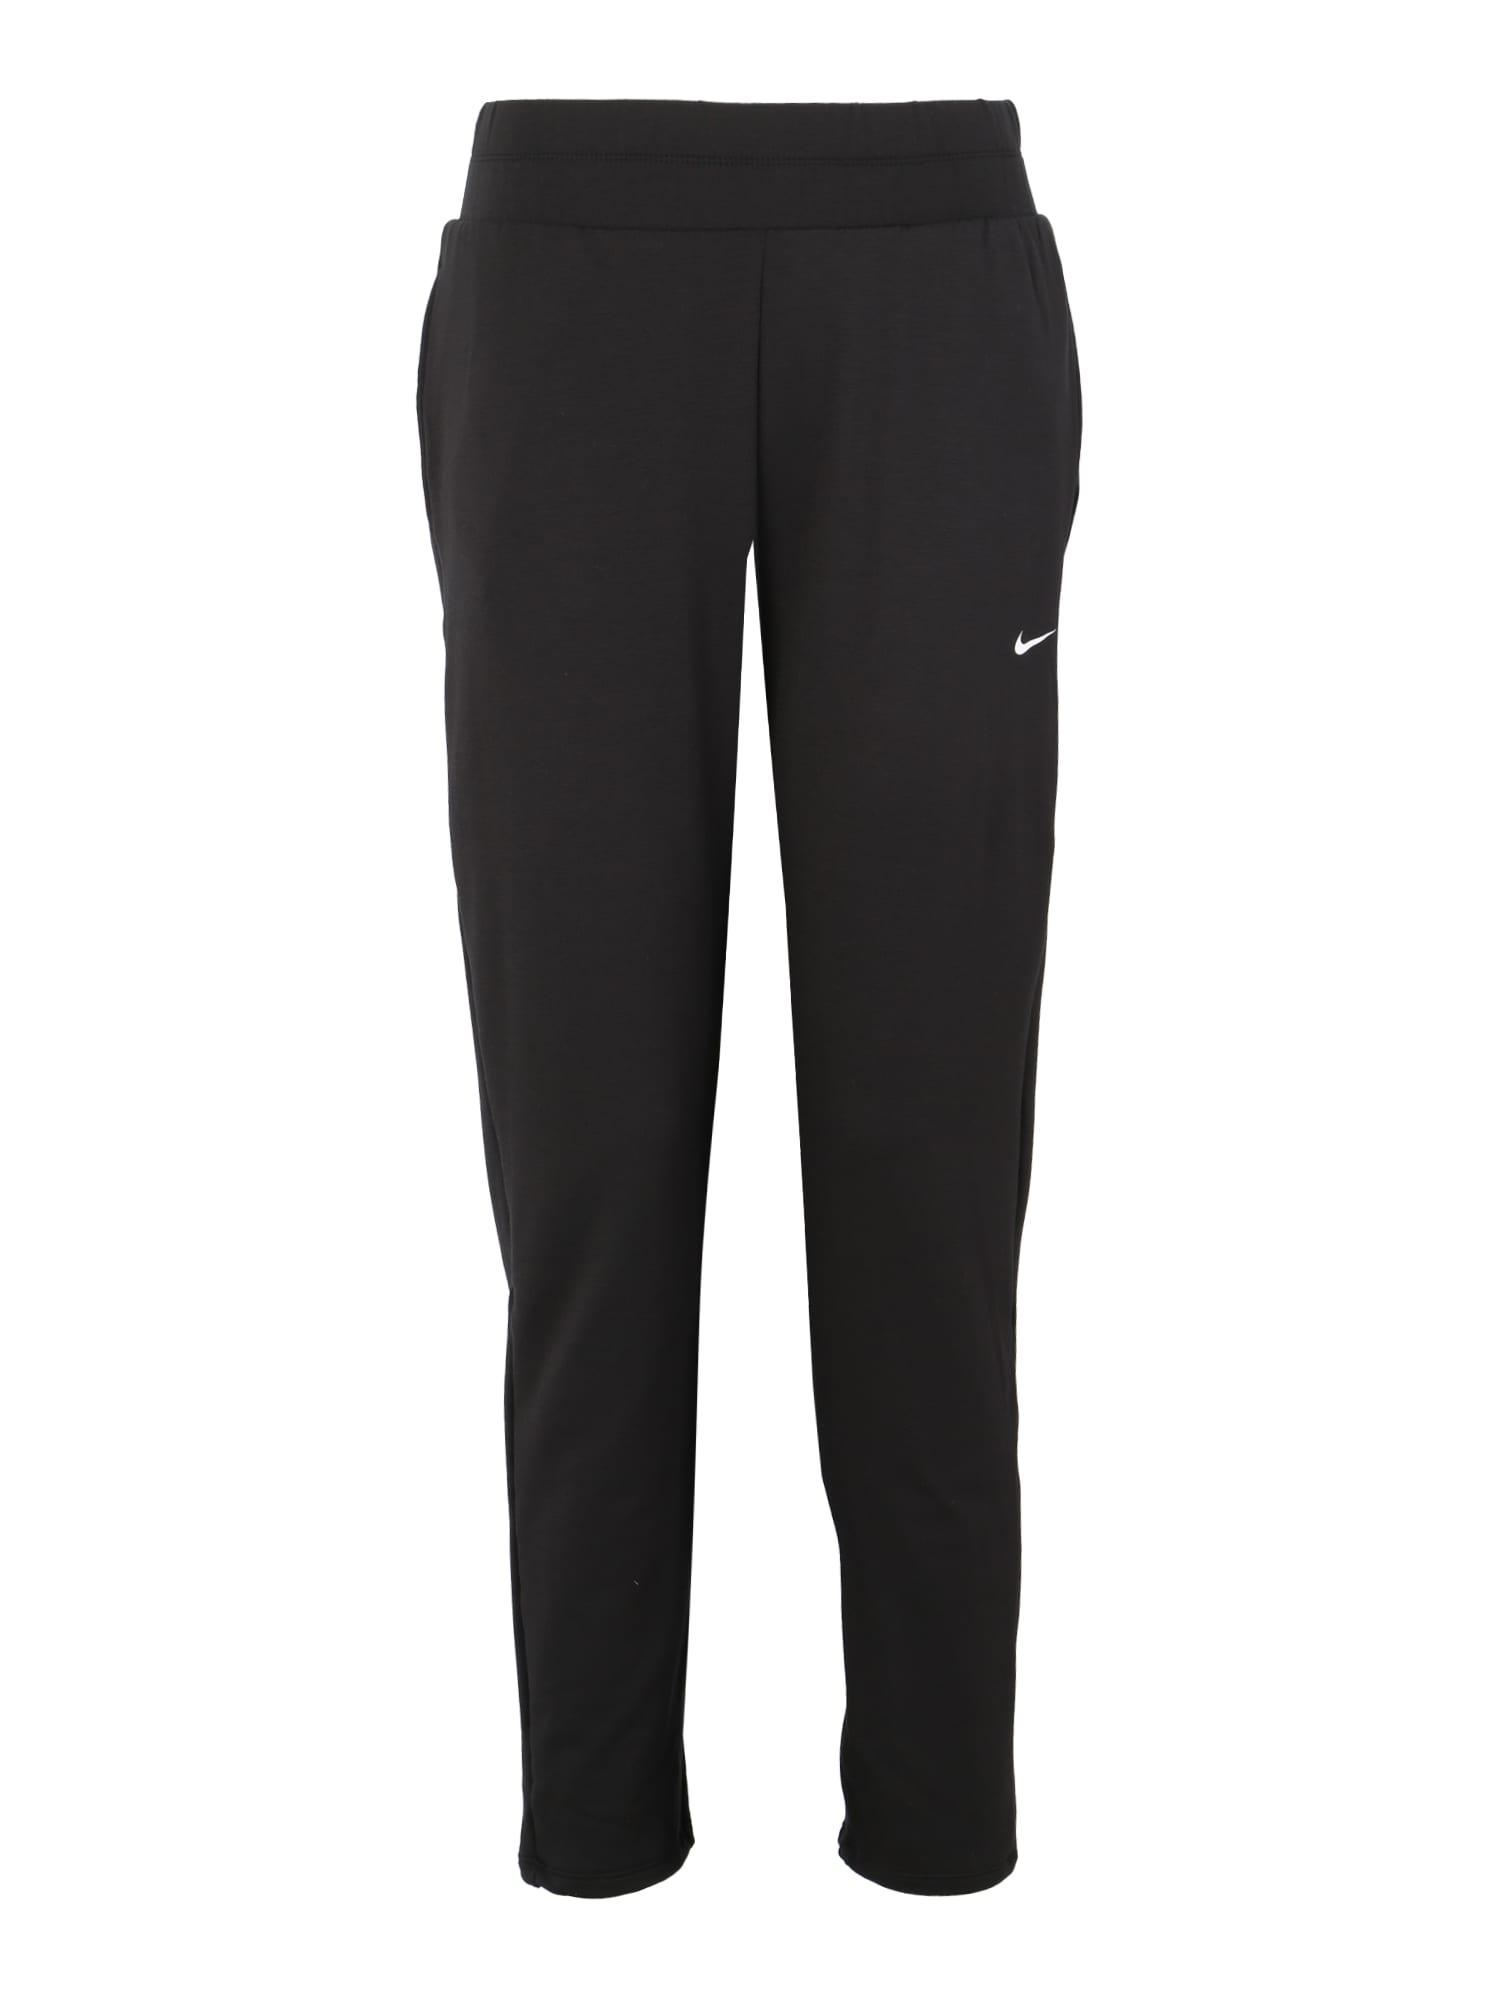 Sportovní kalhoty W NK FLOW VCTRY PANT černá NIKE